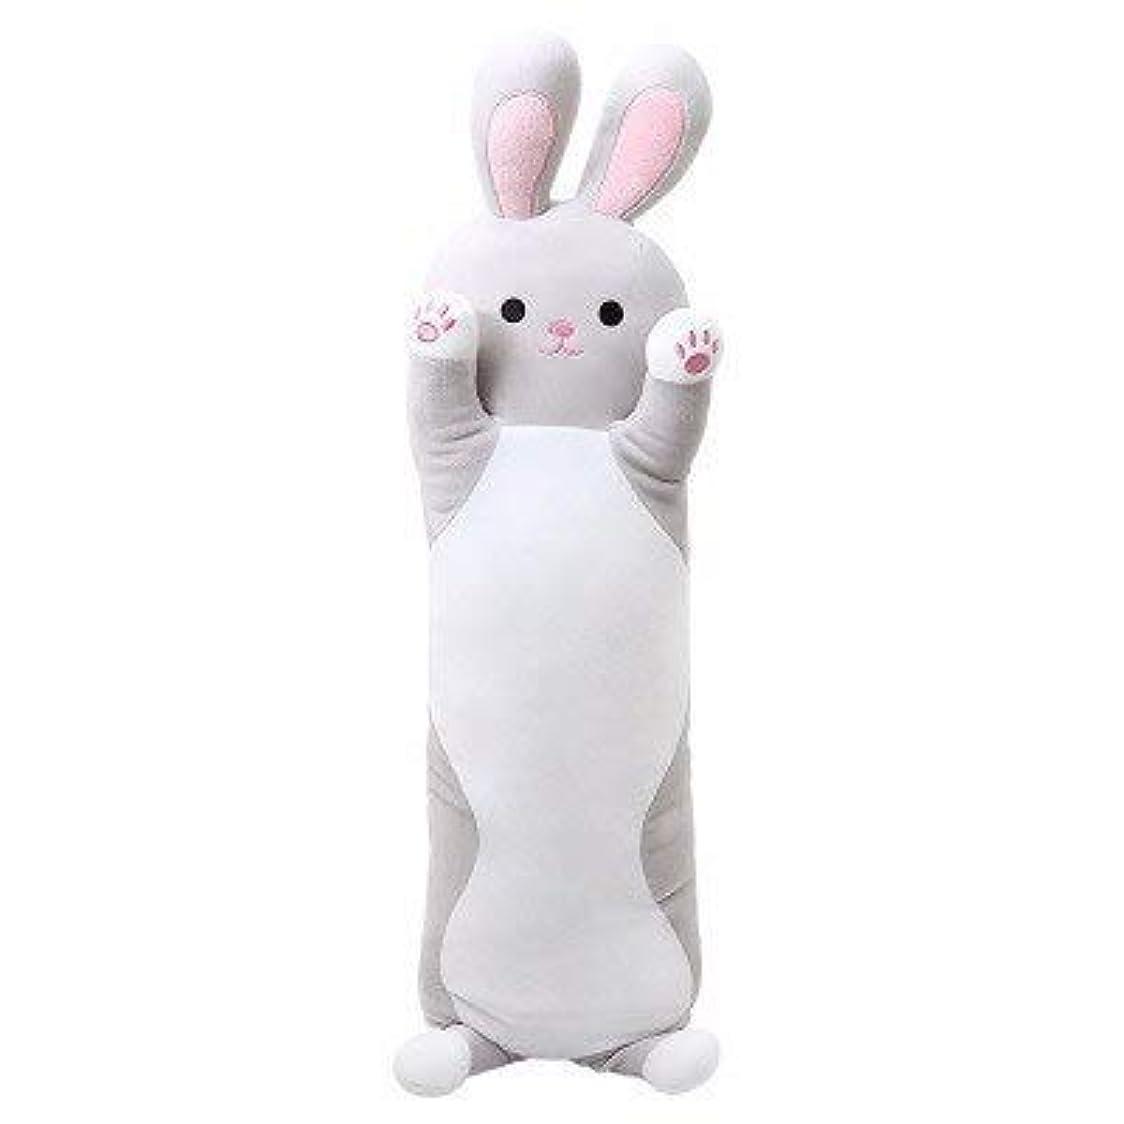 見る人ホール資格LIFE センチメートルウサギのぬいぐるみロング睡眠枕を送信するために女の子 Almofada クッション床 Coussin Cojines 装飾 Overwatch クッション 椅子